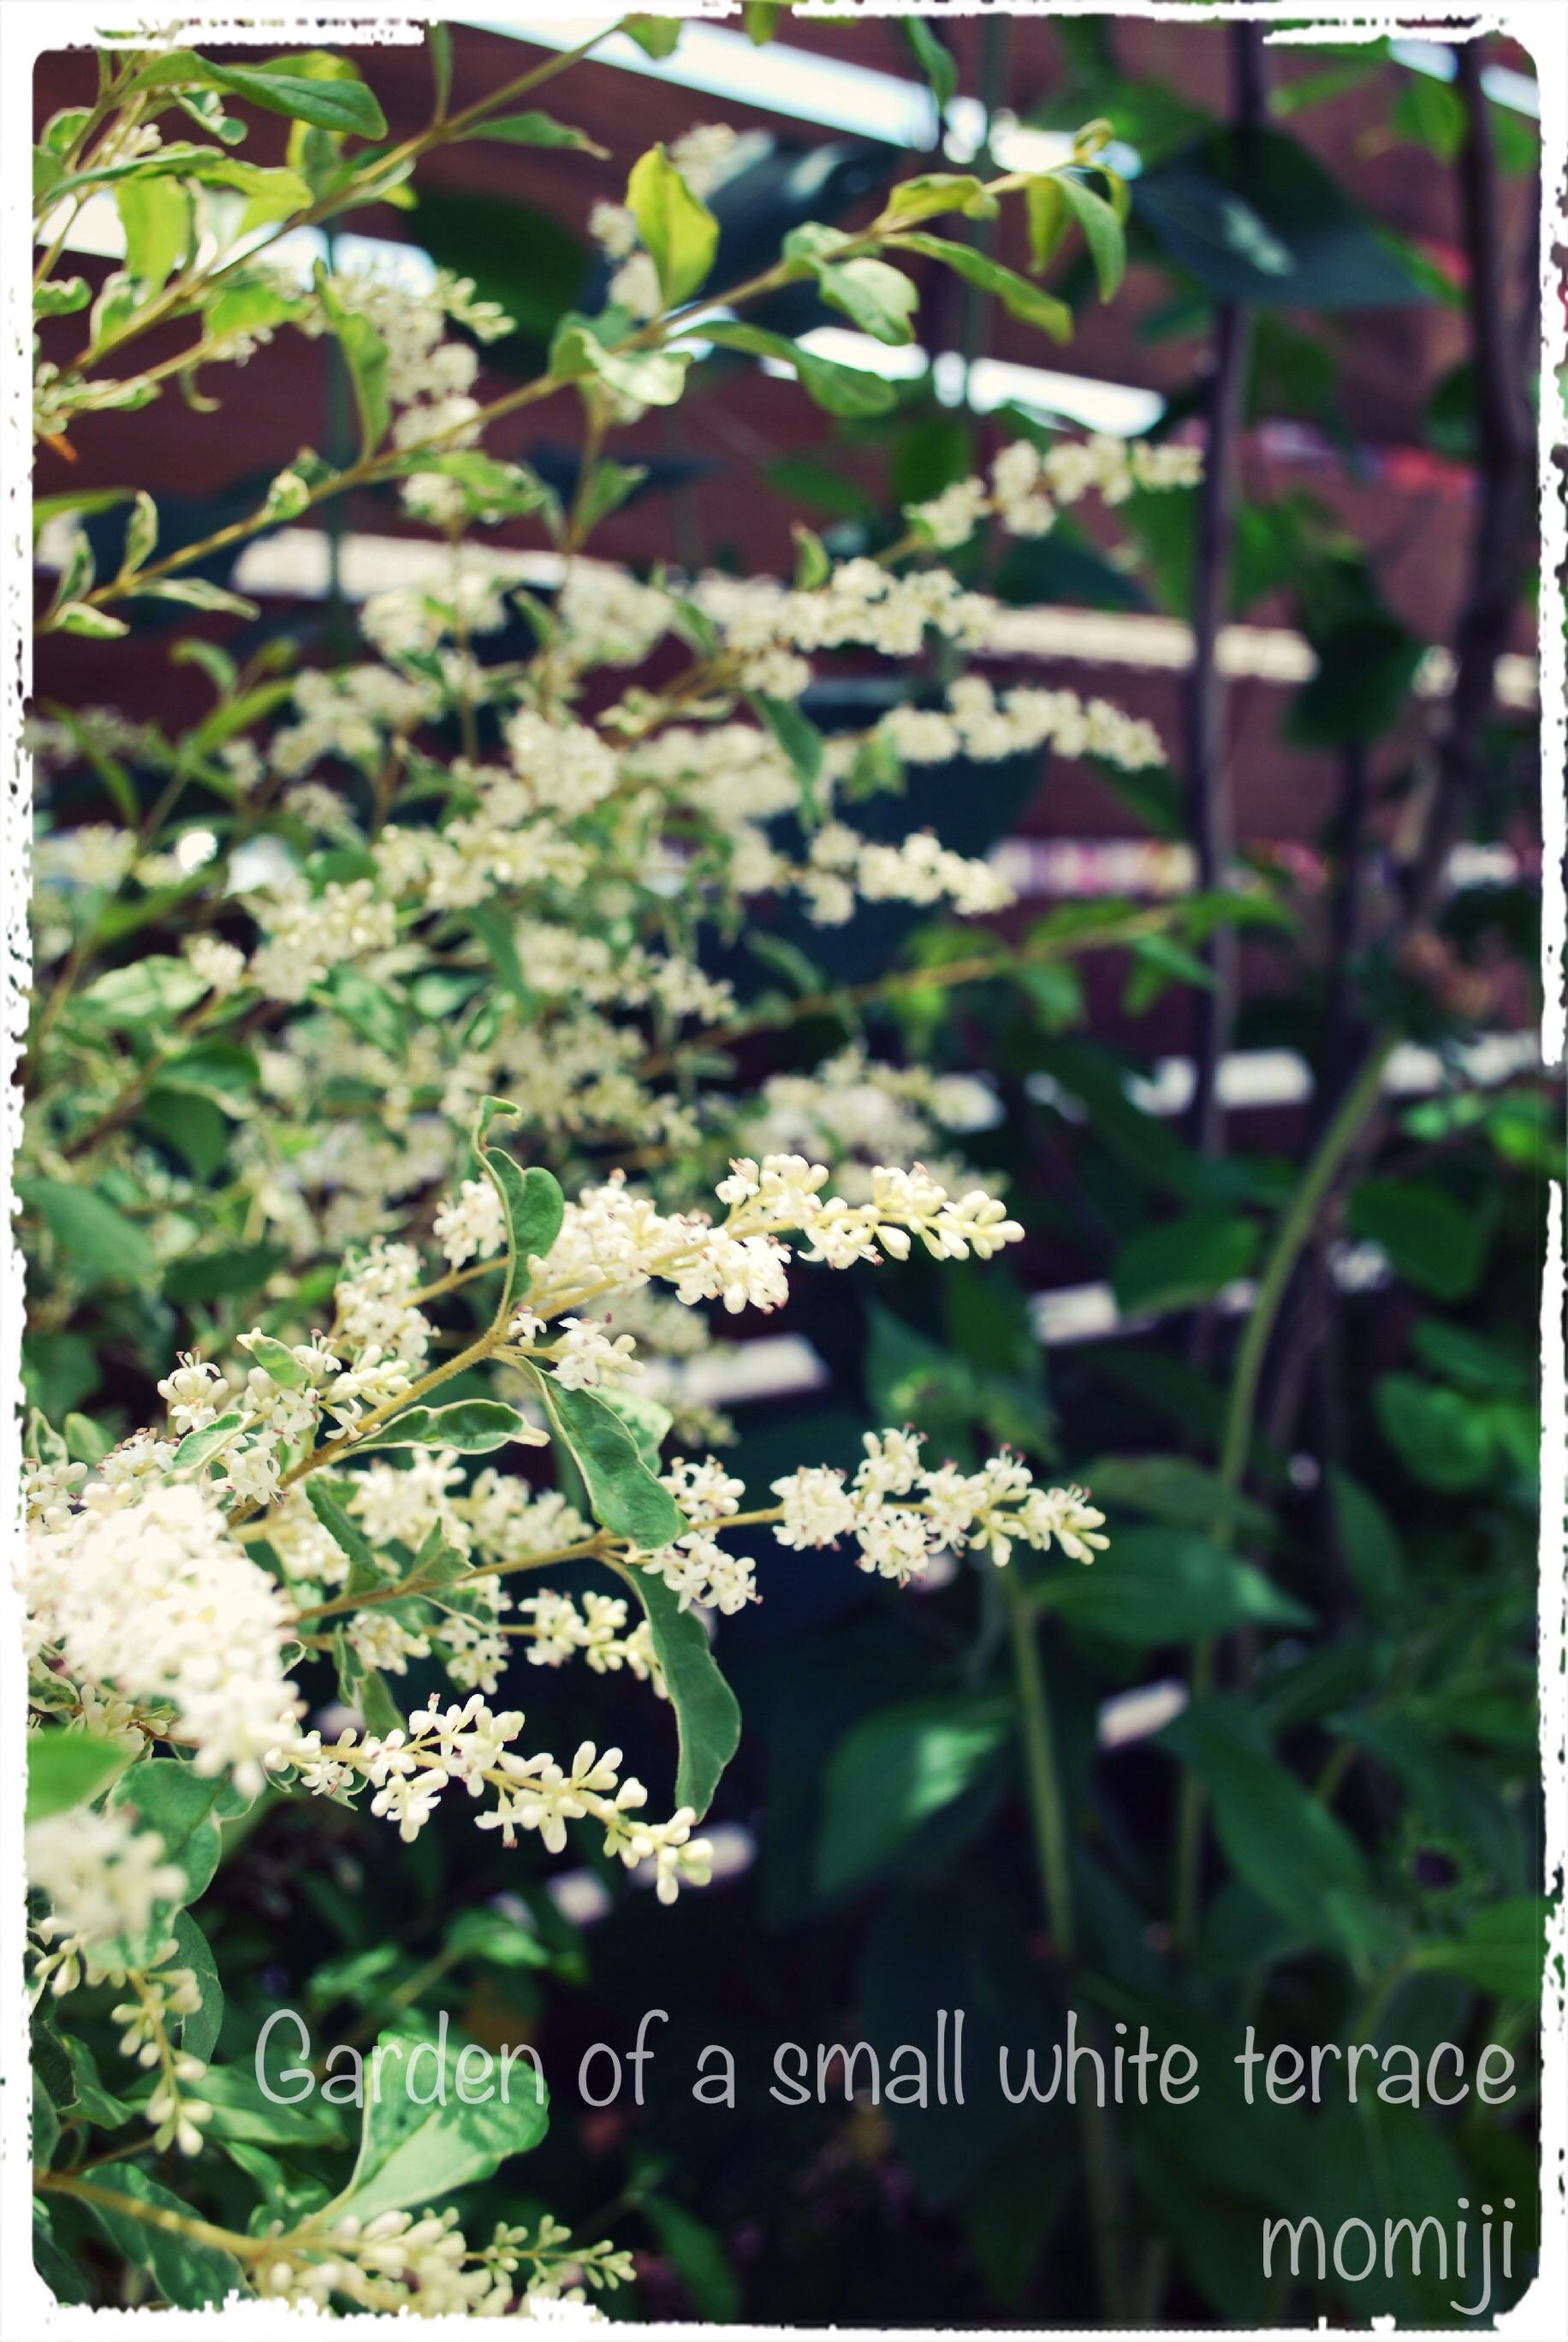 シルバープリペットの花